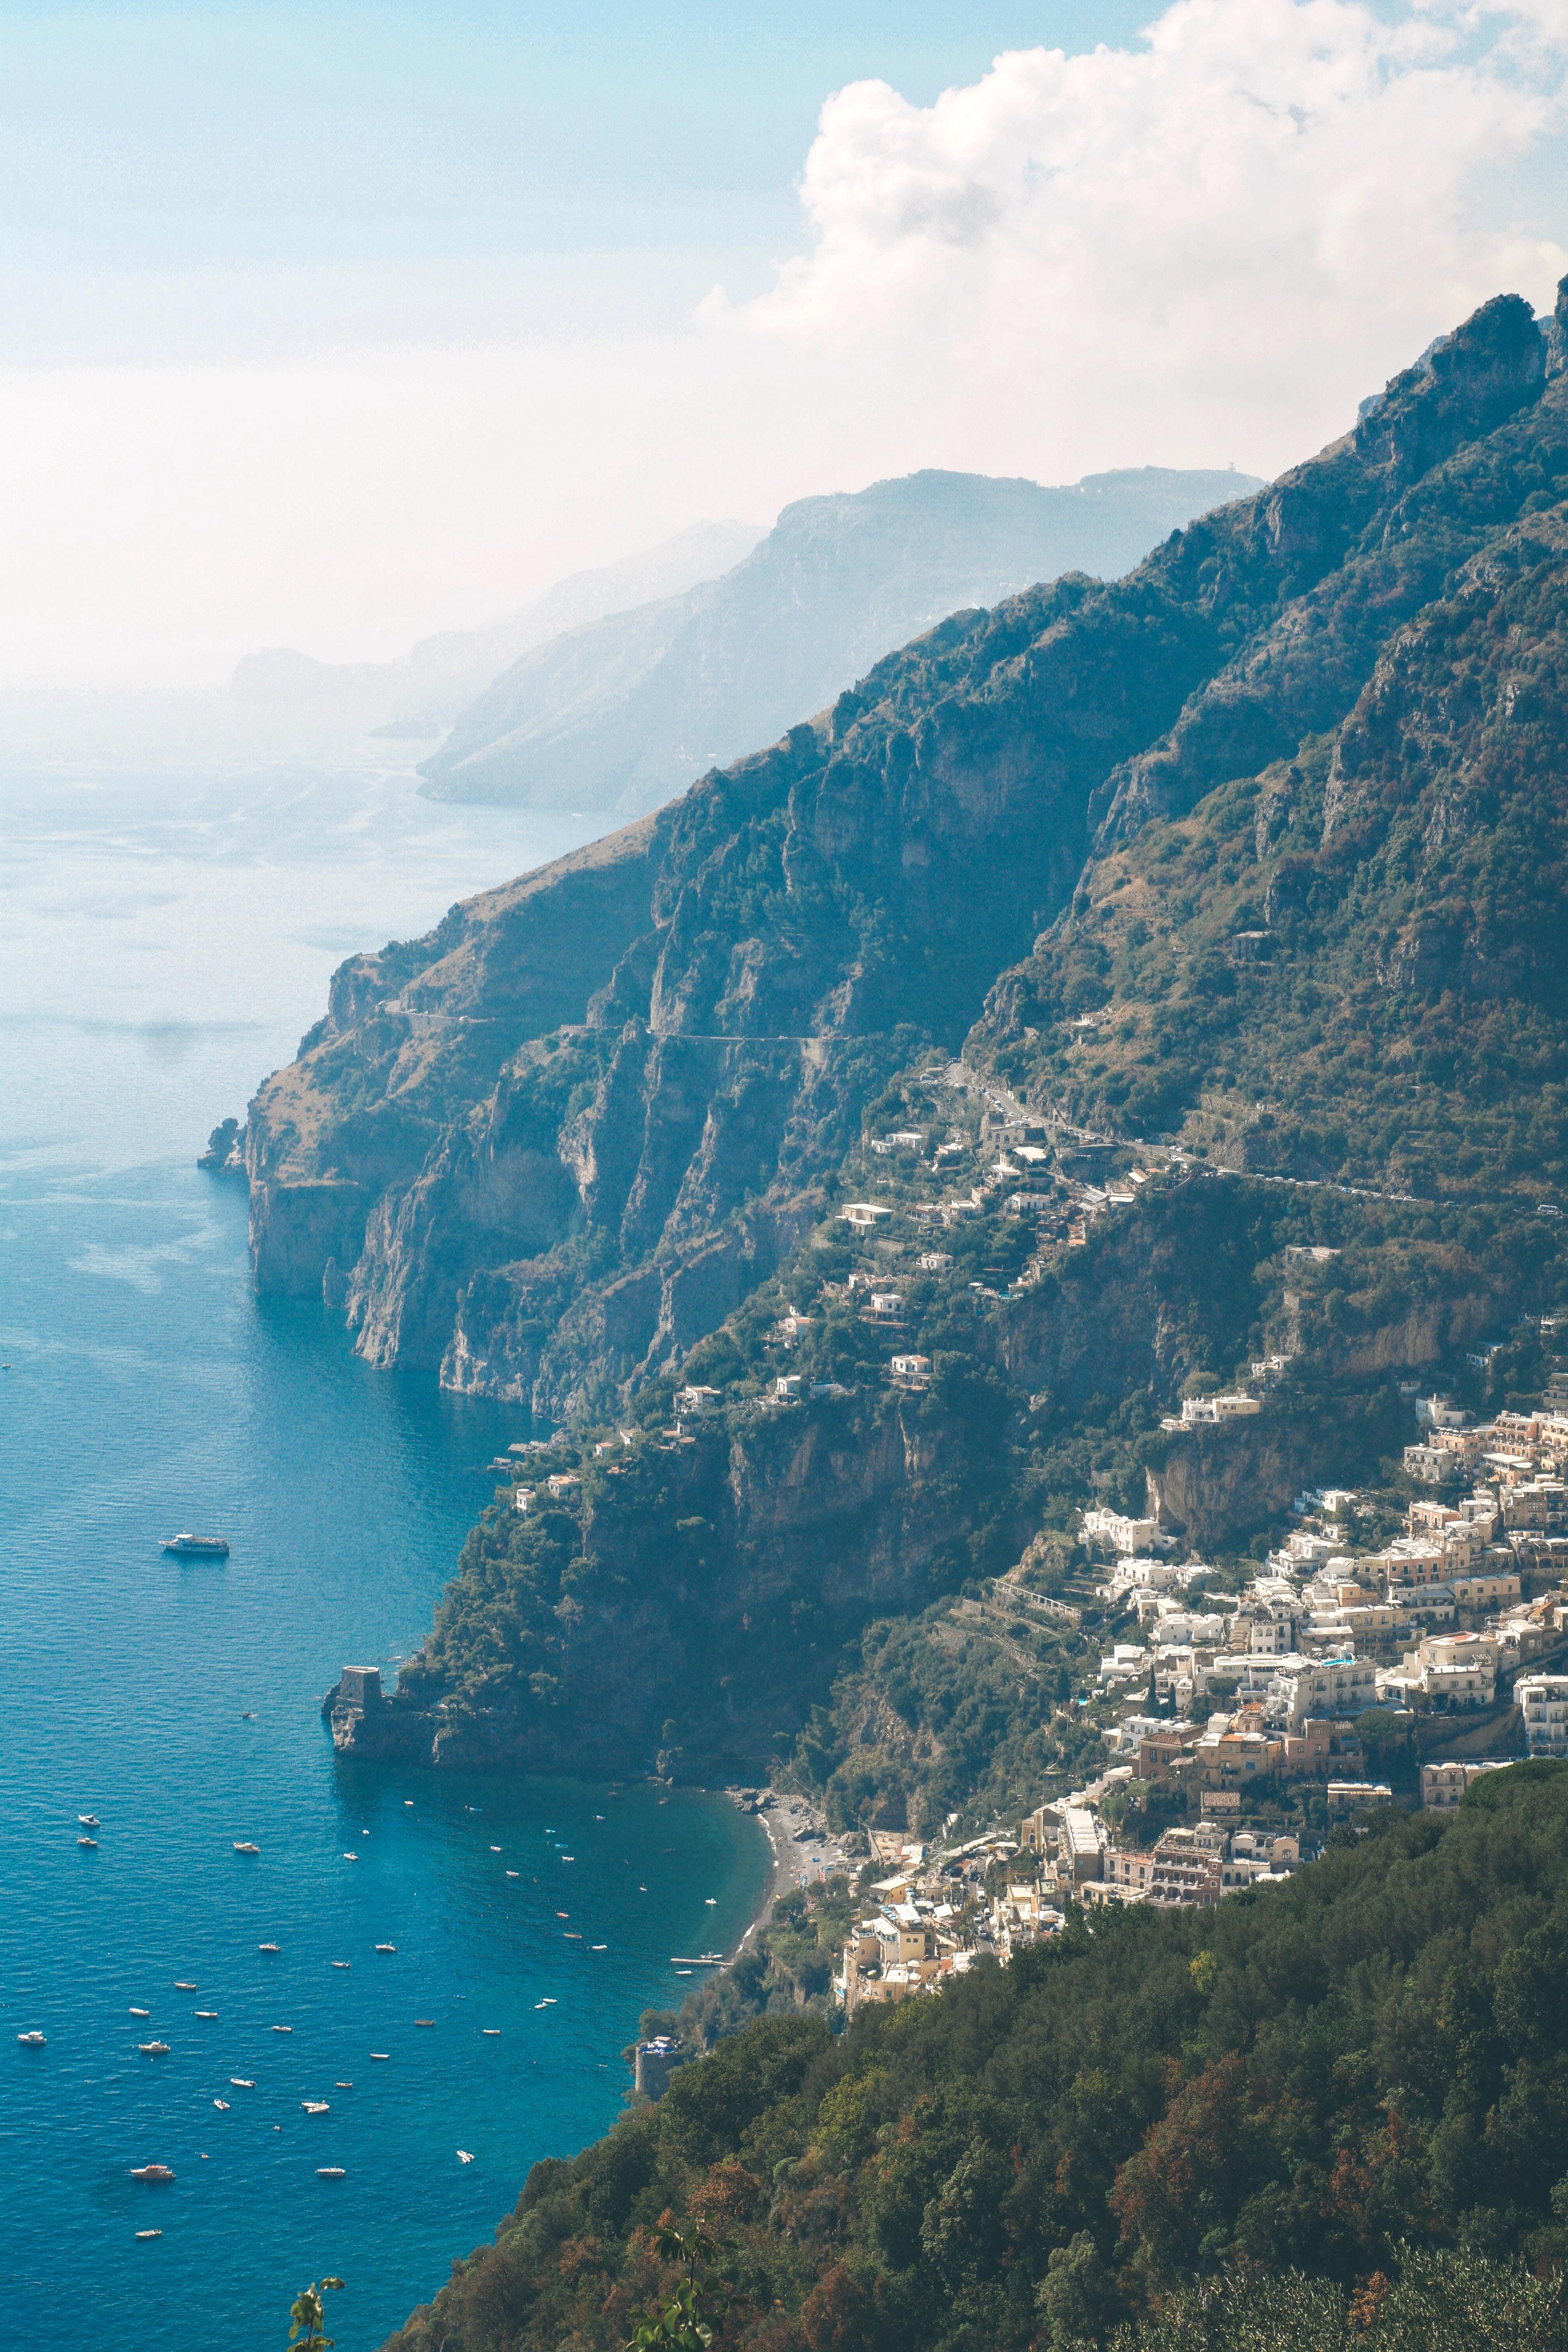 Ferienwohnung Wohnung mit 3 Schlafzimmern in Angri mit schöner Aussicht auf die Stadt und möbliertem Bal (2557376), Angri, Salerno, Kampanien, Italien, Bild 34